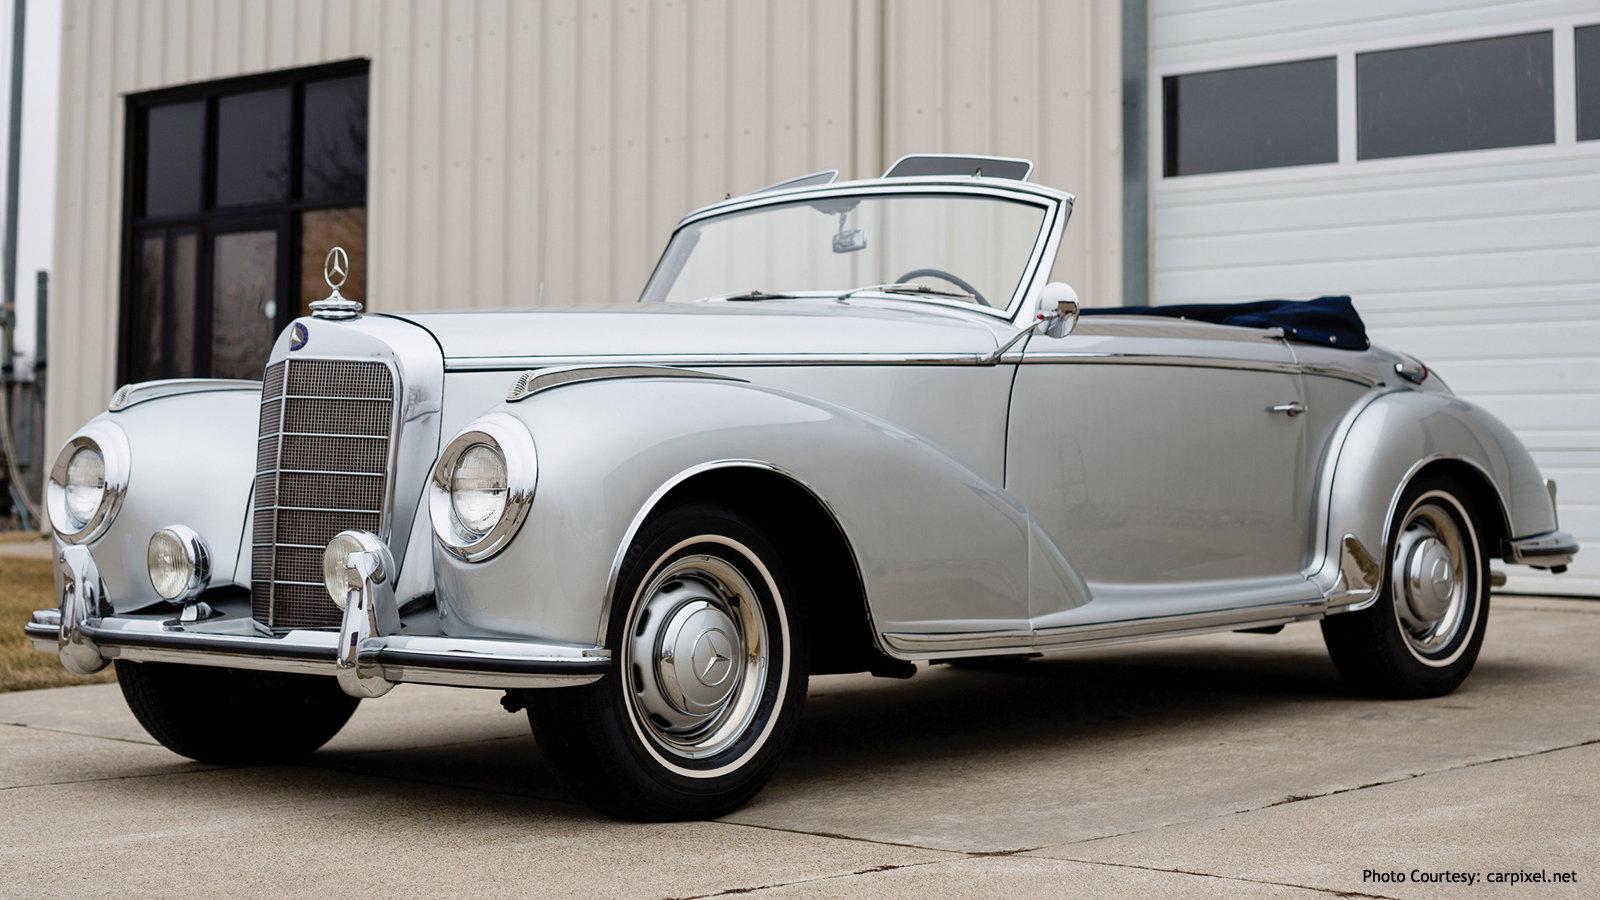 1951 Mercedes-Benz W186 300